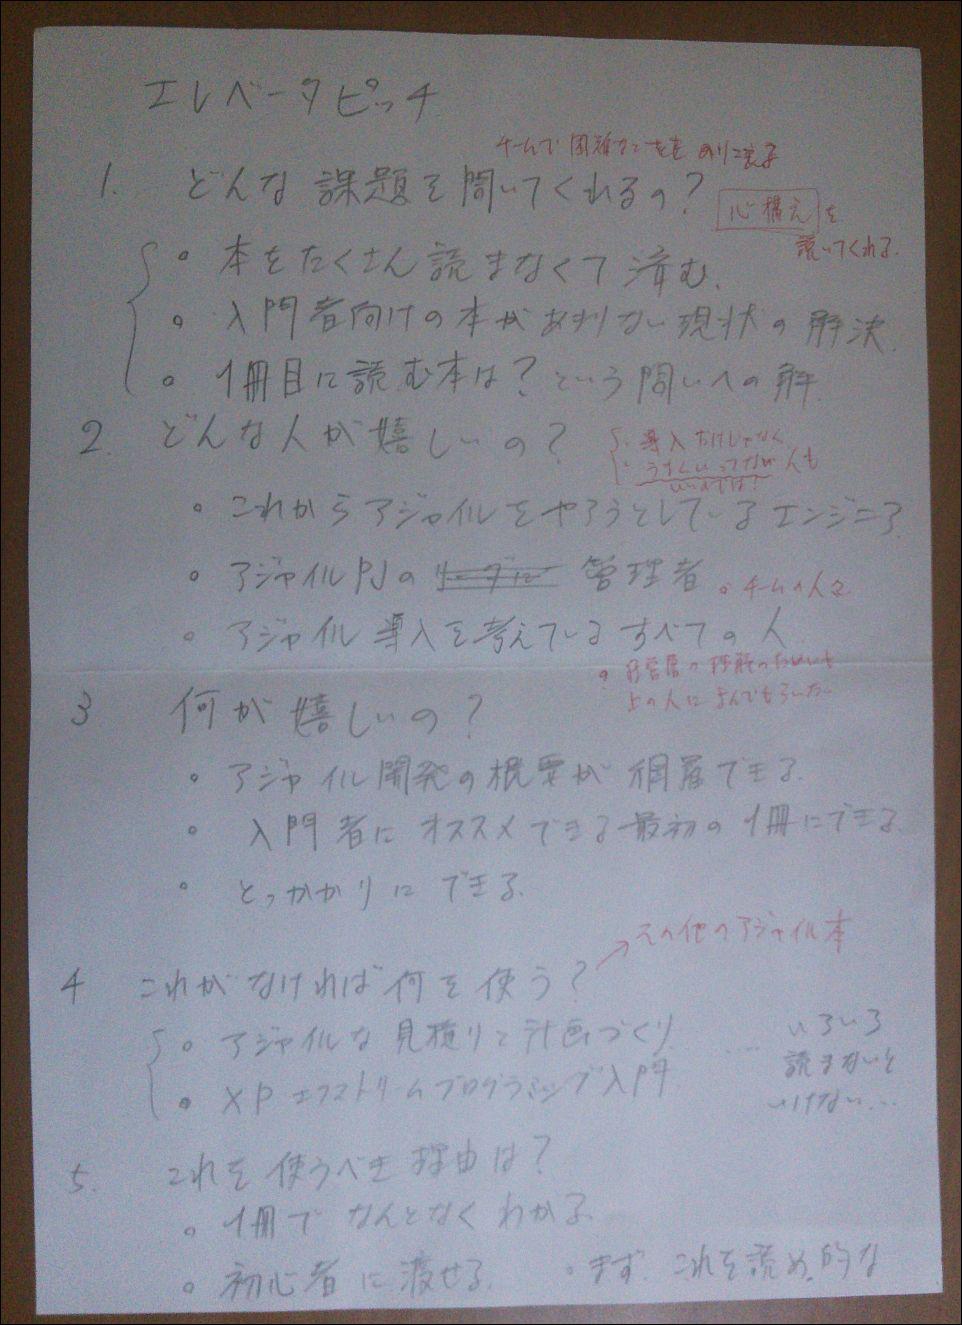 20131208_agilesamurai2.jpg